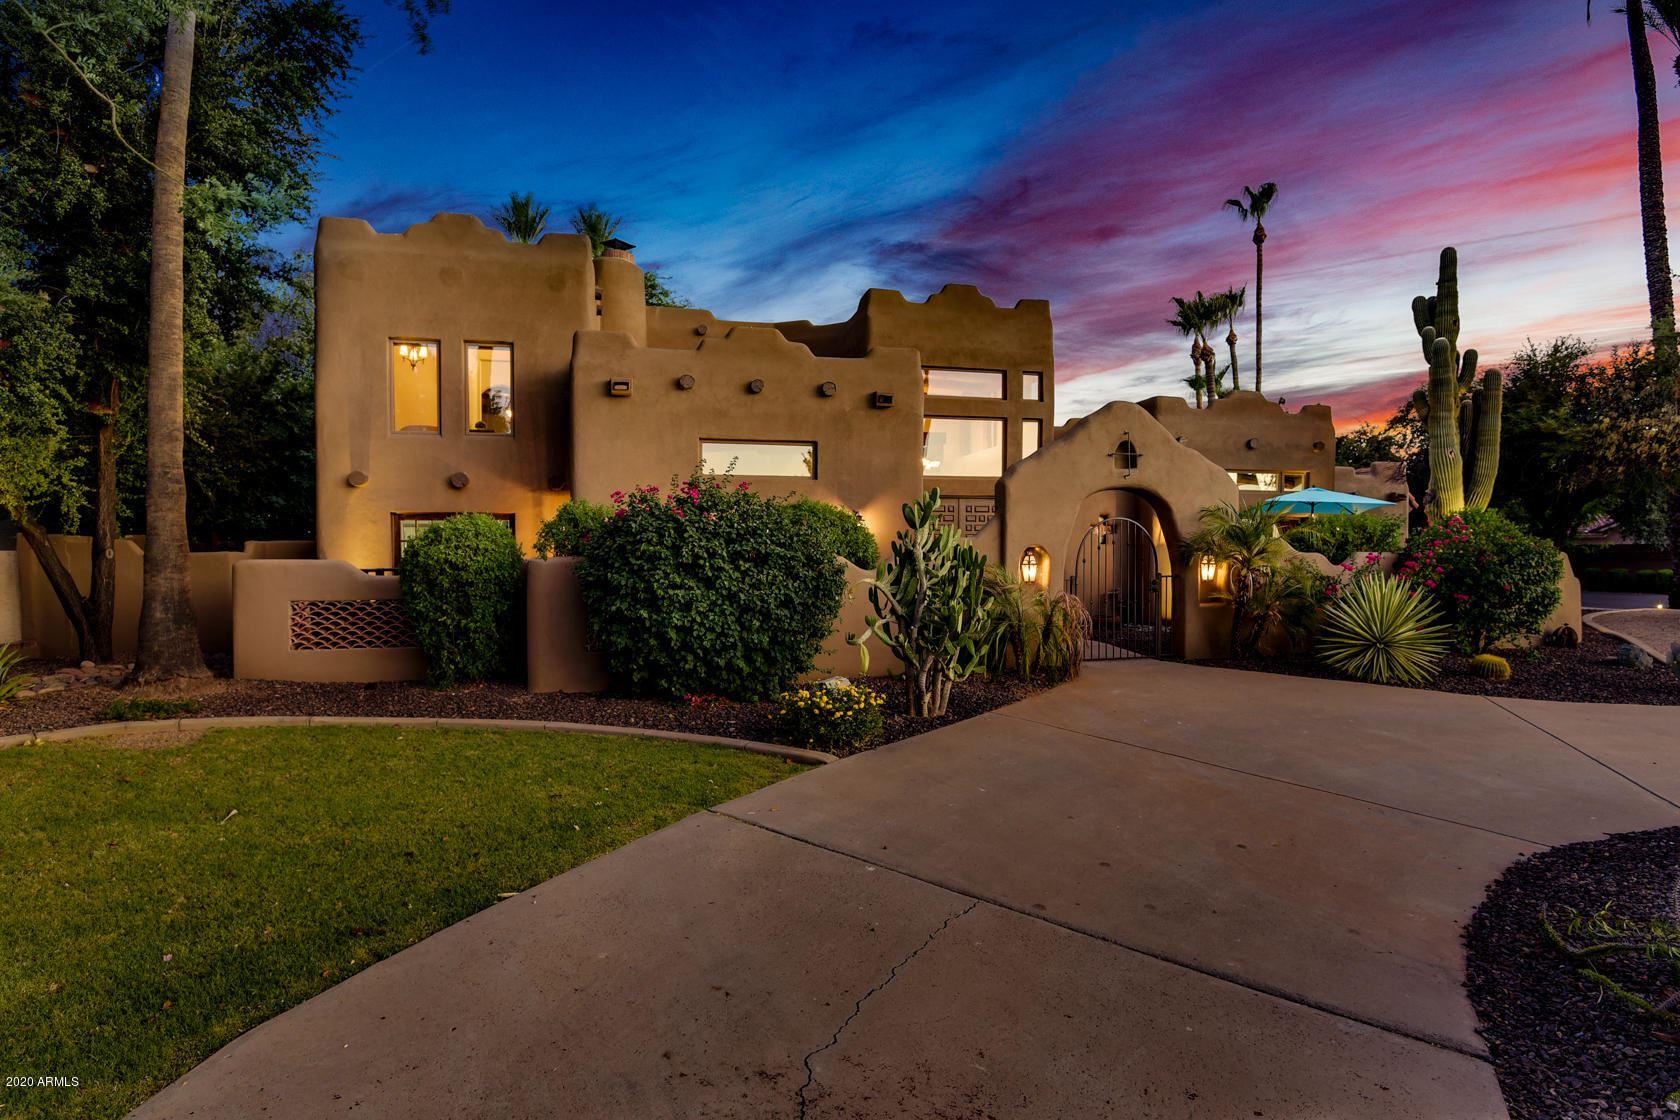 1505 E LOS ARBOLES Drive, Tempe, AZ 85284 - MLS#: 6101757